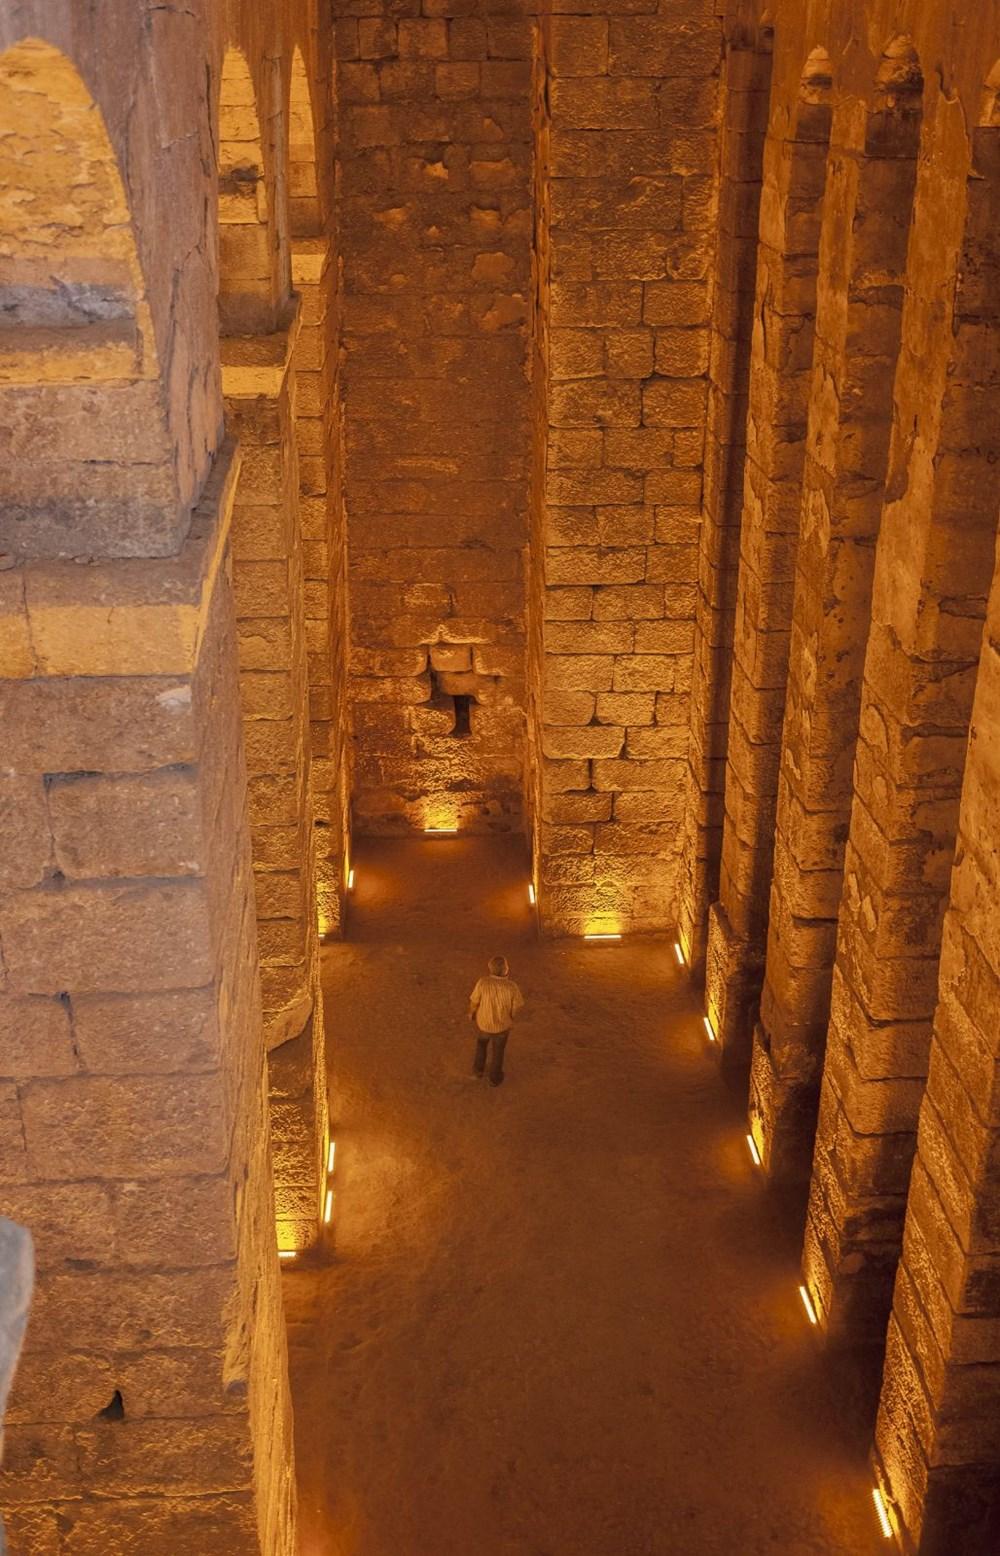 Dara Antik Kenti'nde ortaya çıkarılan sarnıç Yerebatan'dan daha derin - 10